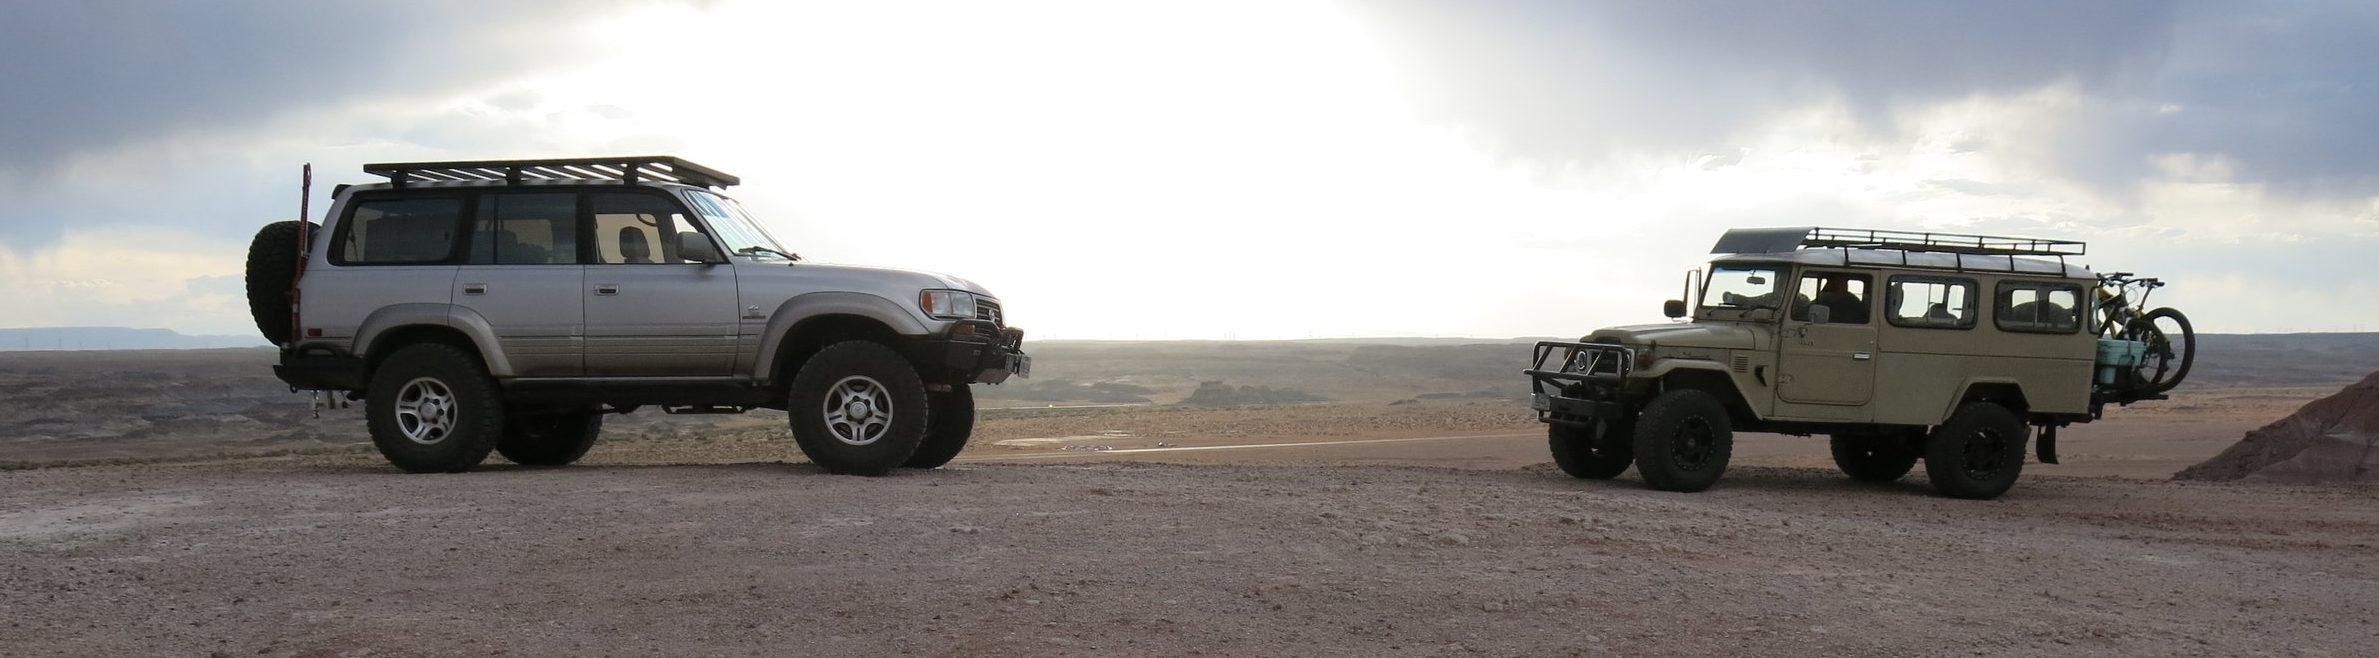 JDM Toyota LandCruiser https://www.classiccruisers.com/